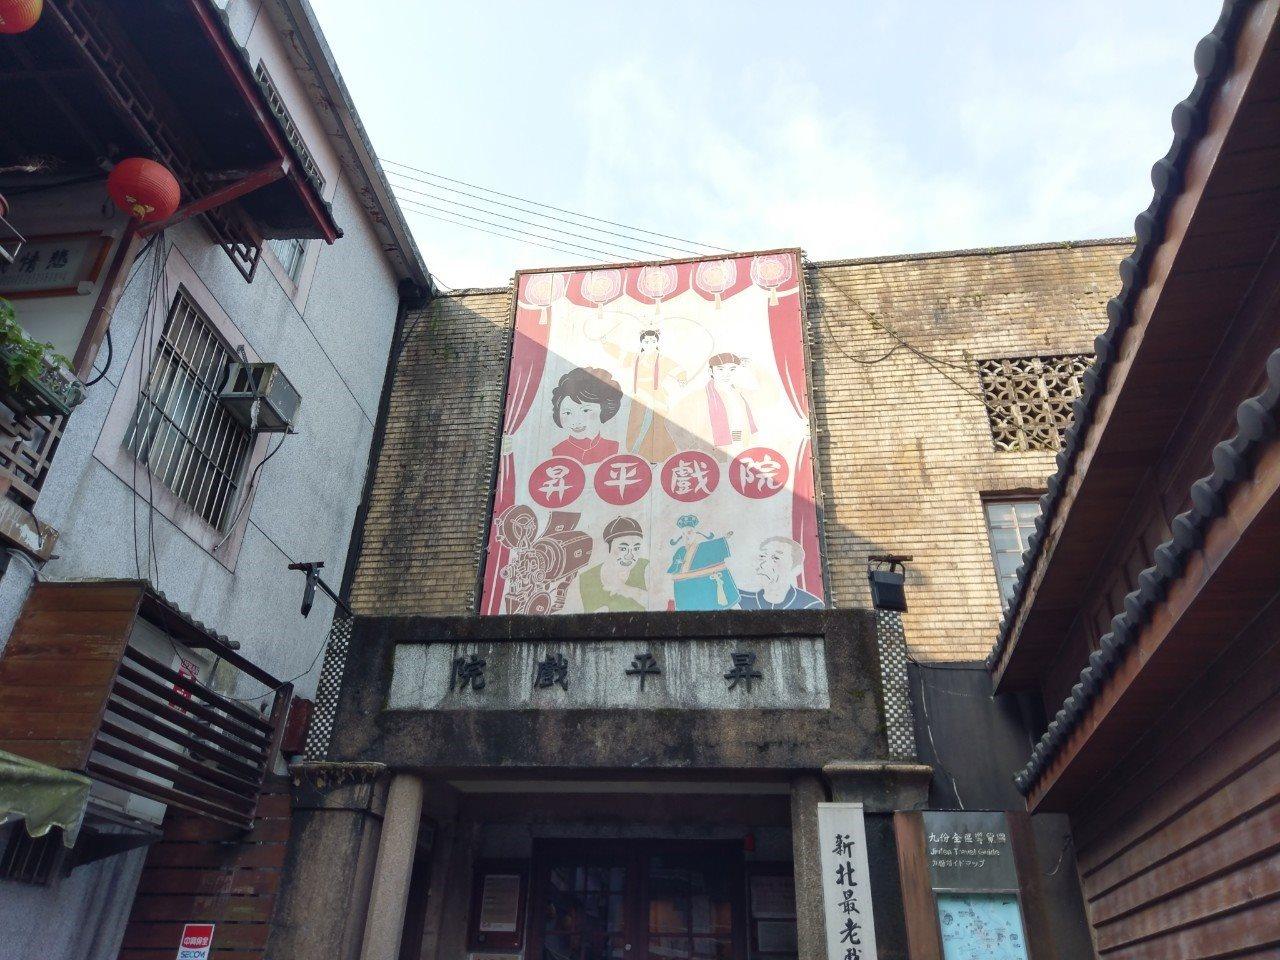 昇平戲院 結合在地礦山故事活化文化空間